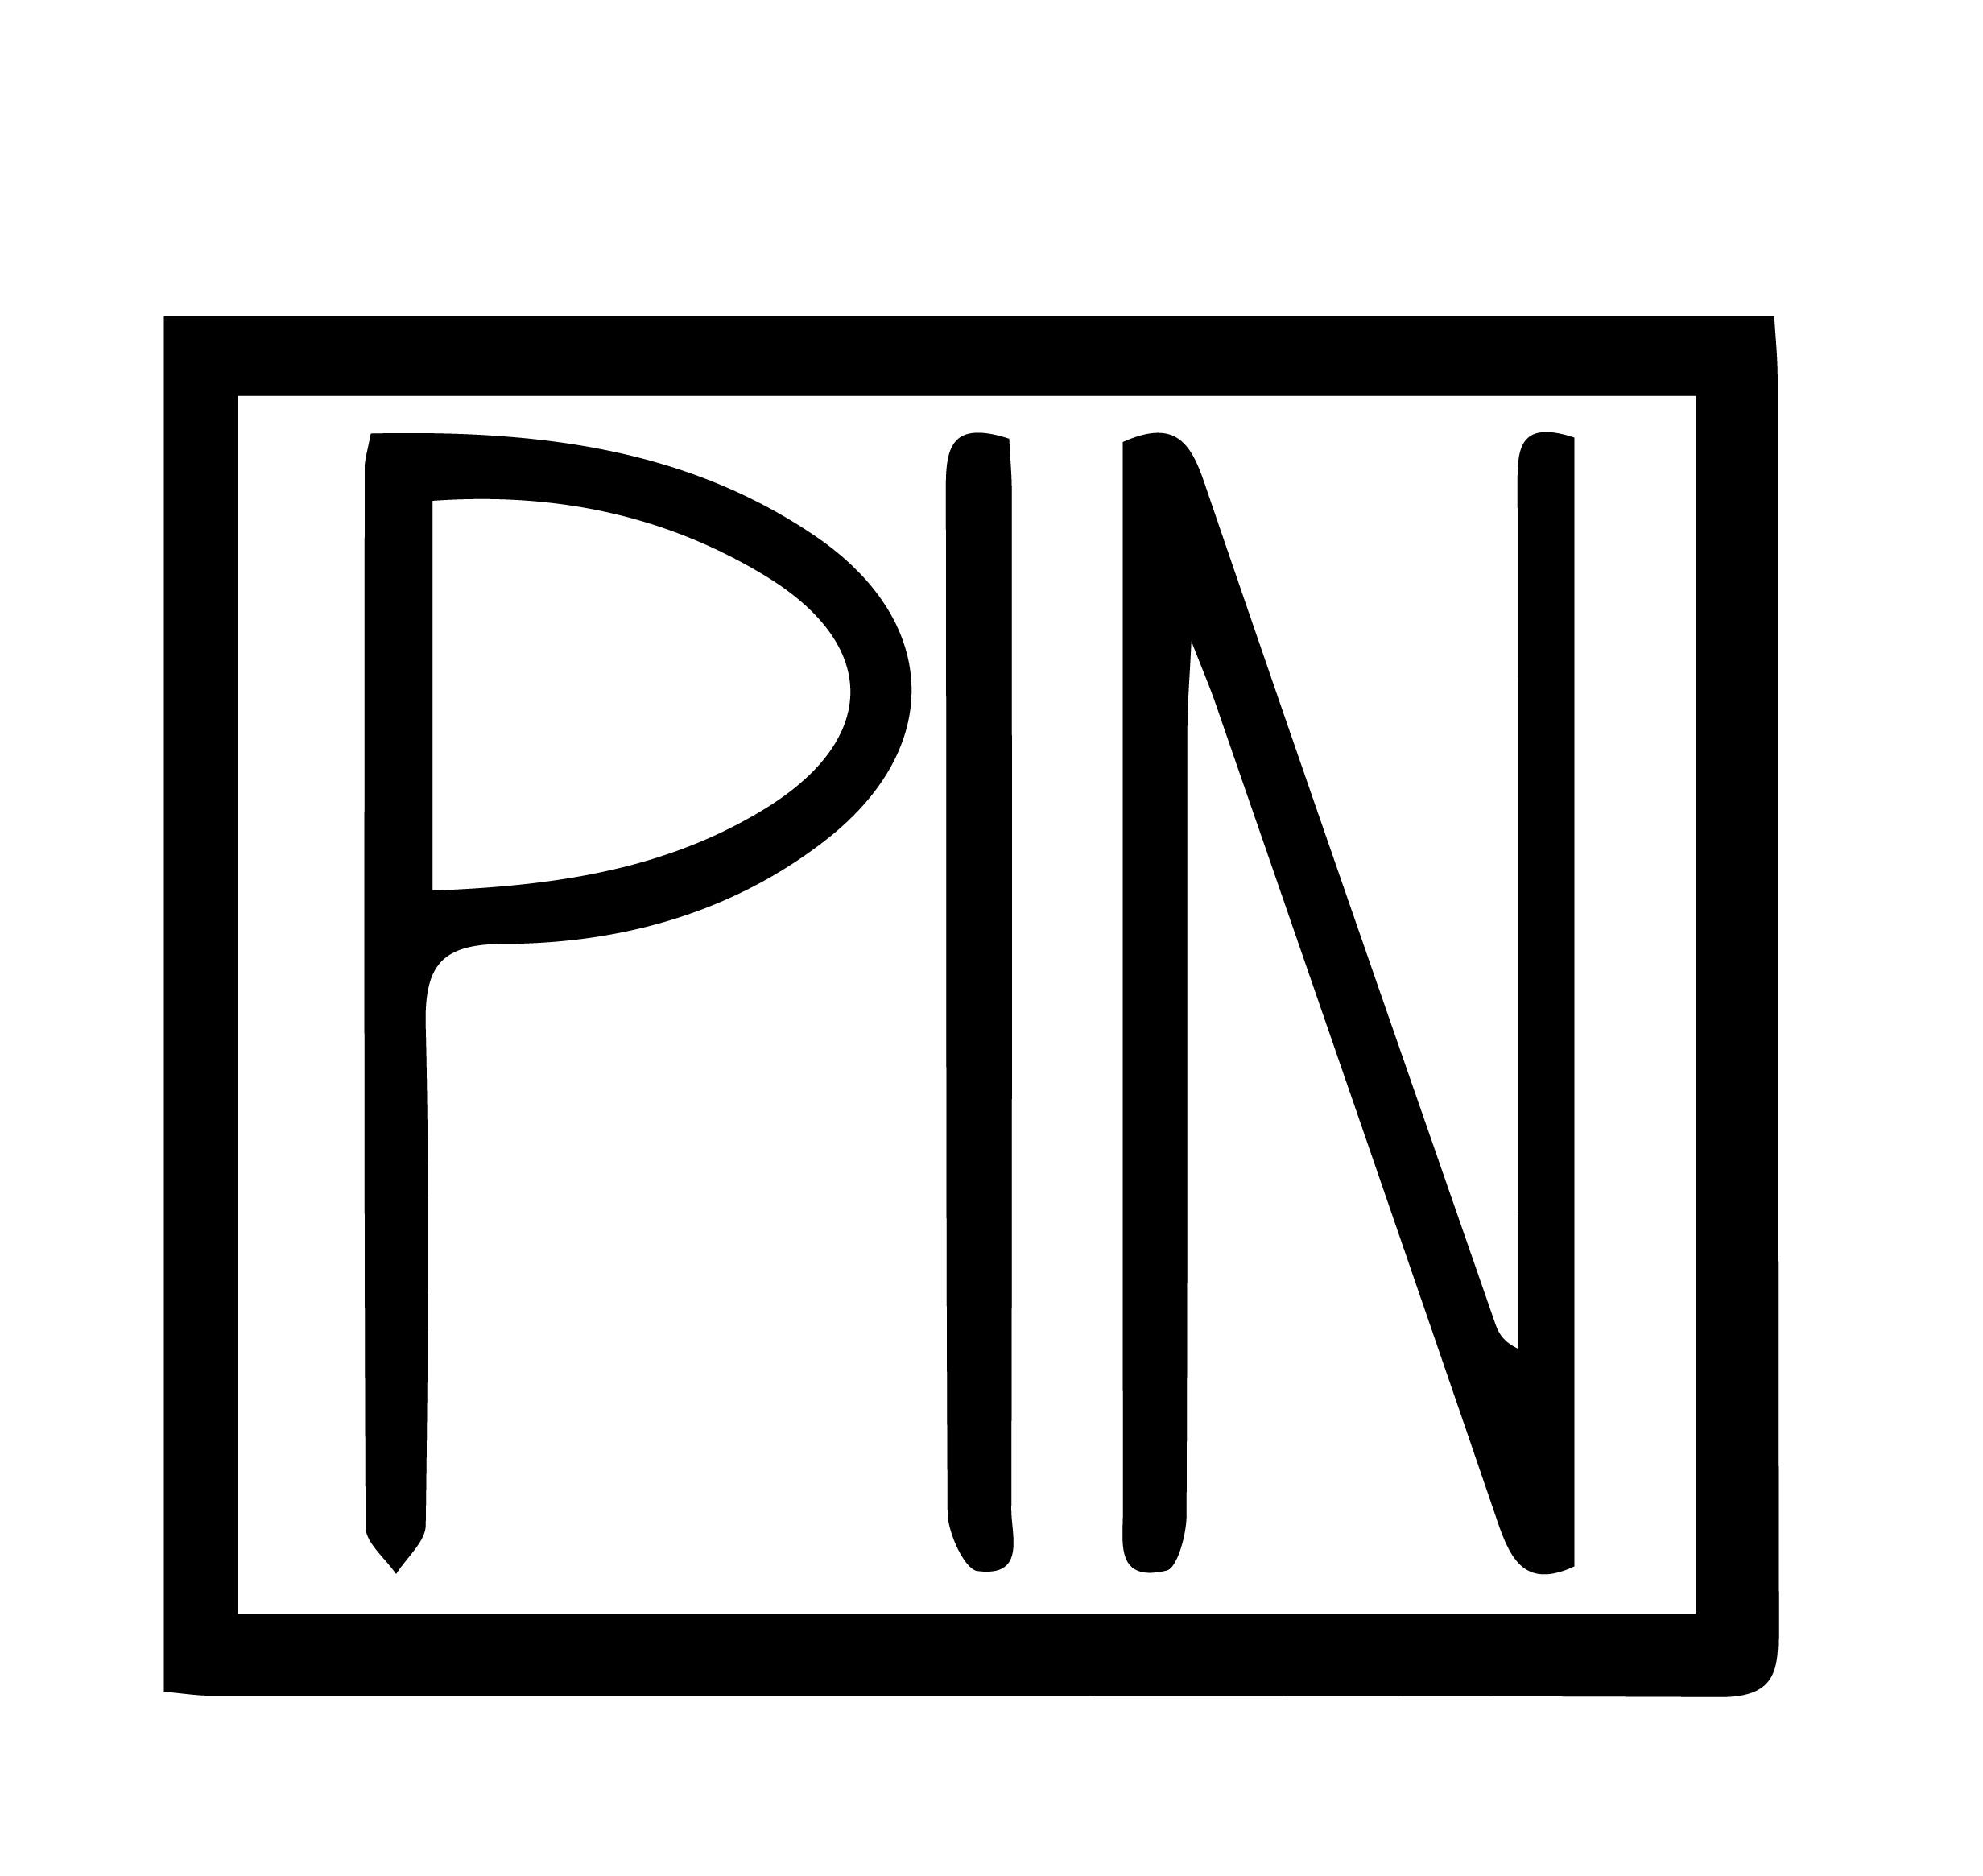 Psychosocial Innovation Network